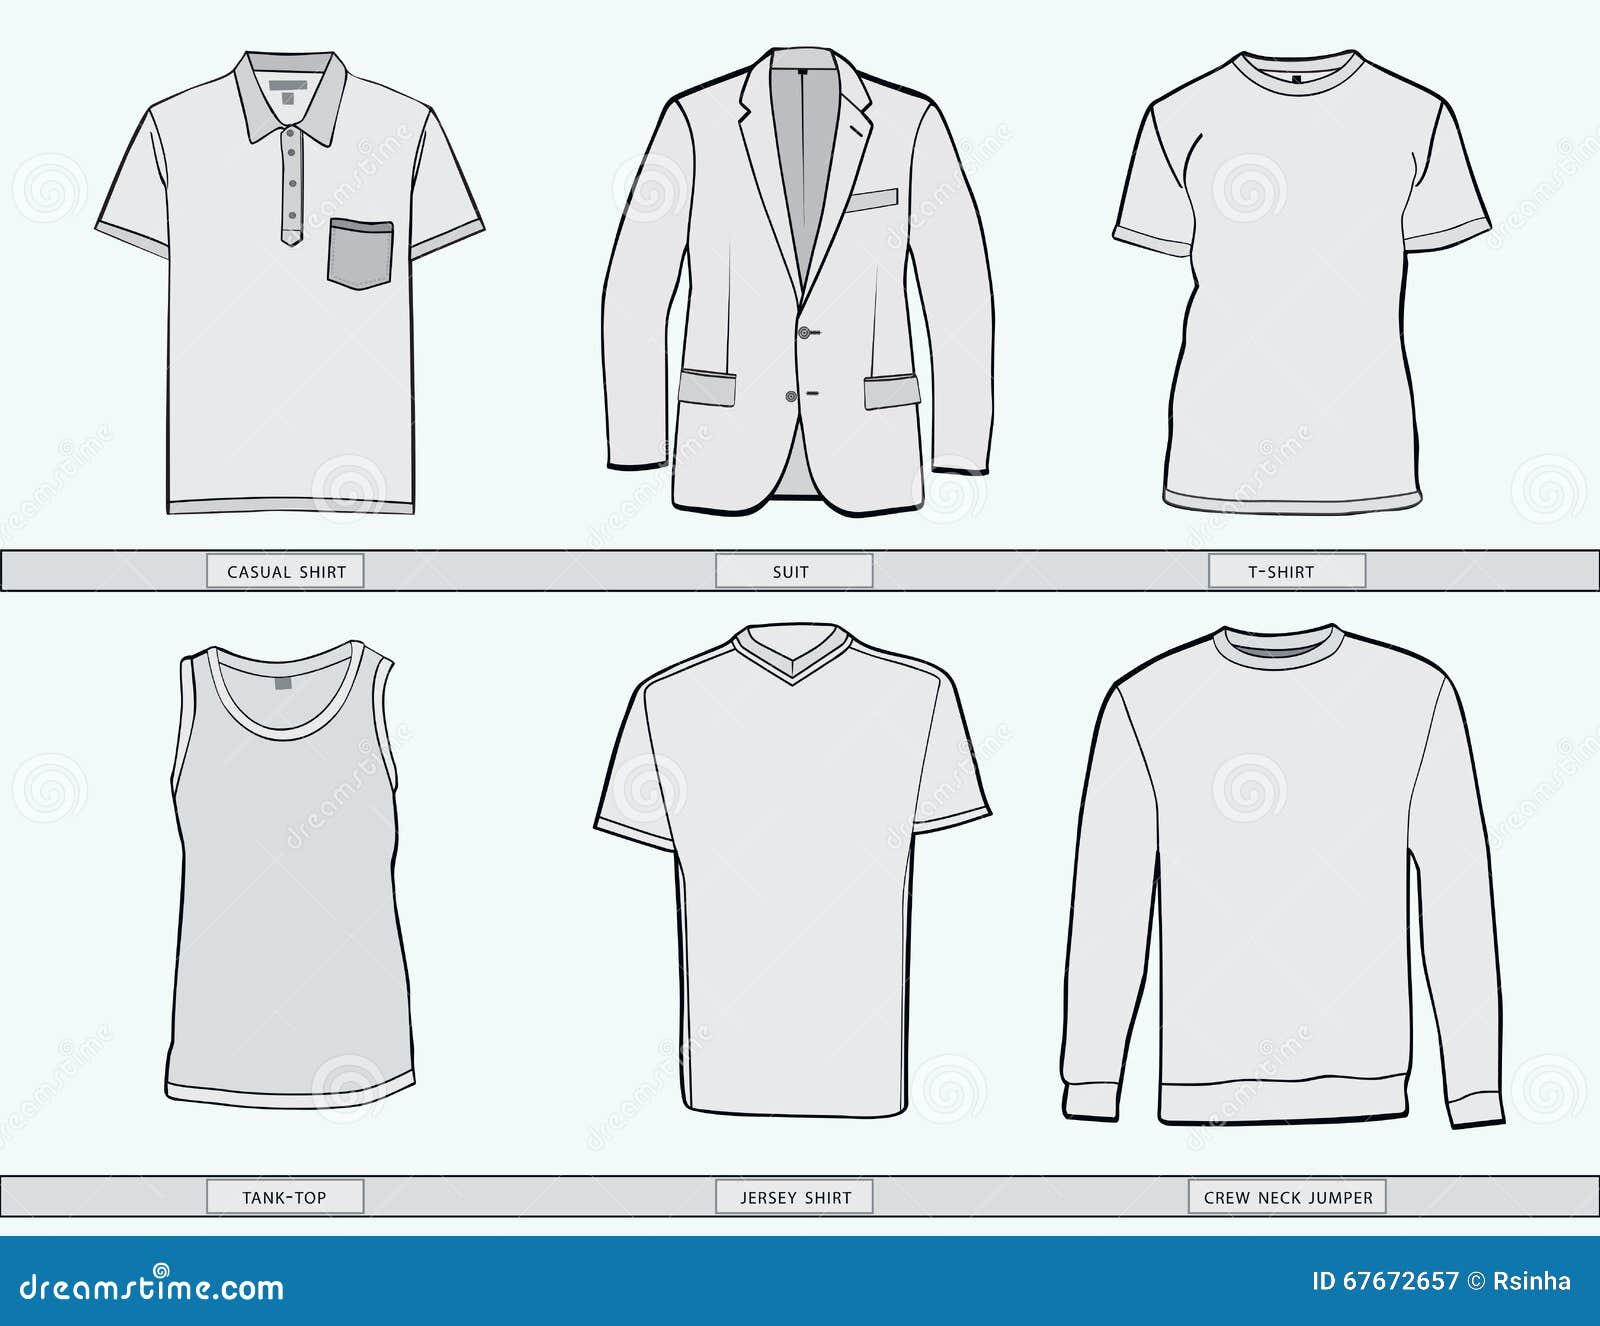 Скачать шаблоны одежды